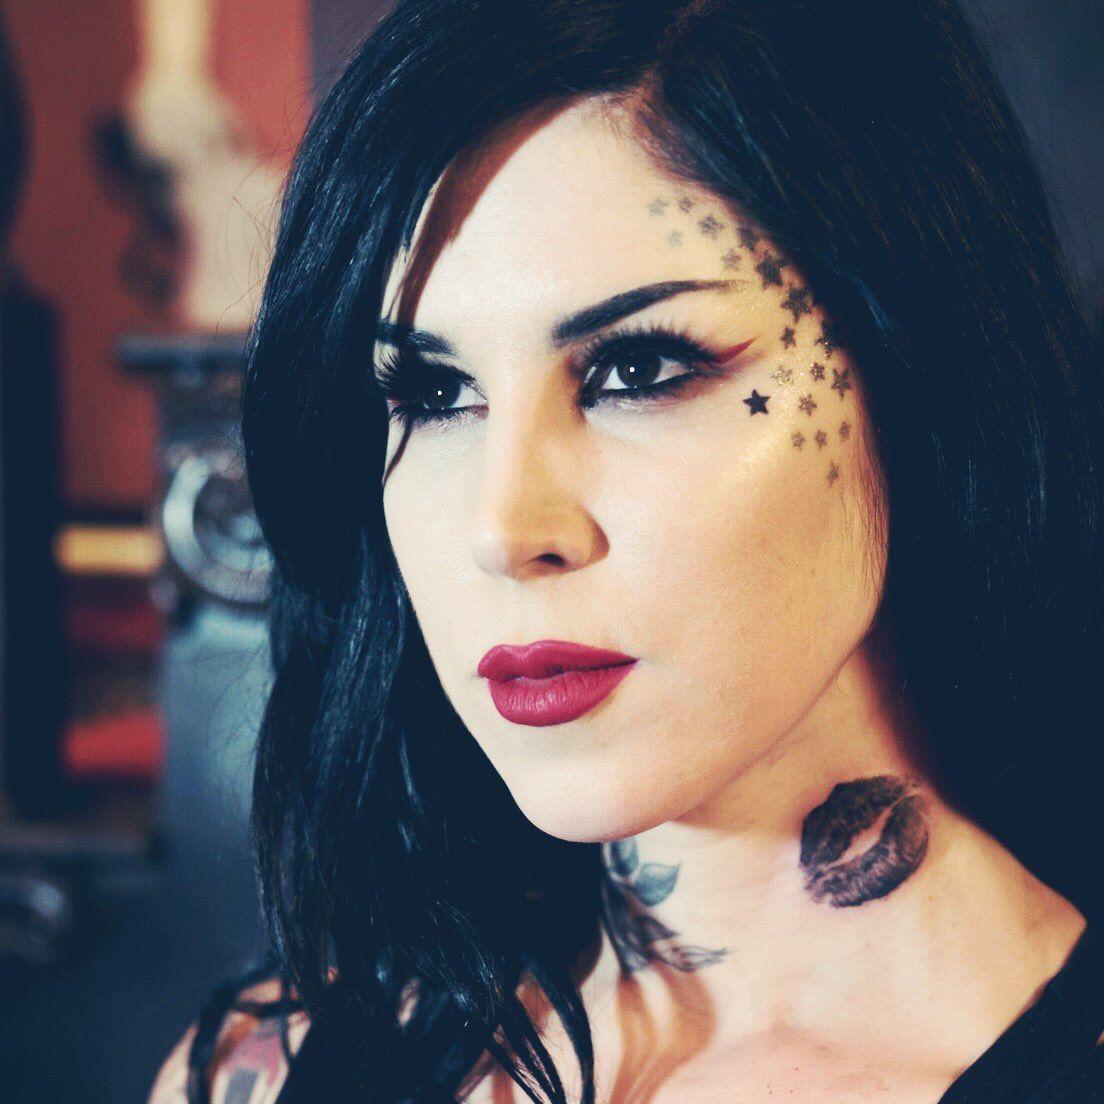 Kat Von D by Cristina Damura Girl tattoos, Kat von d